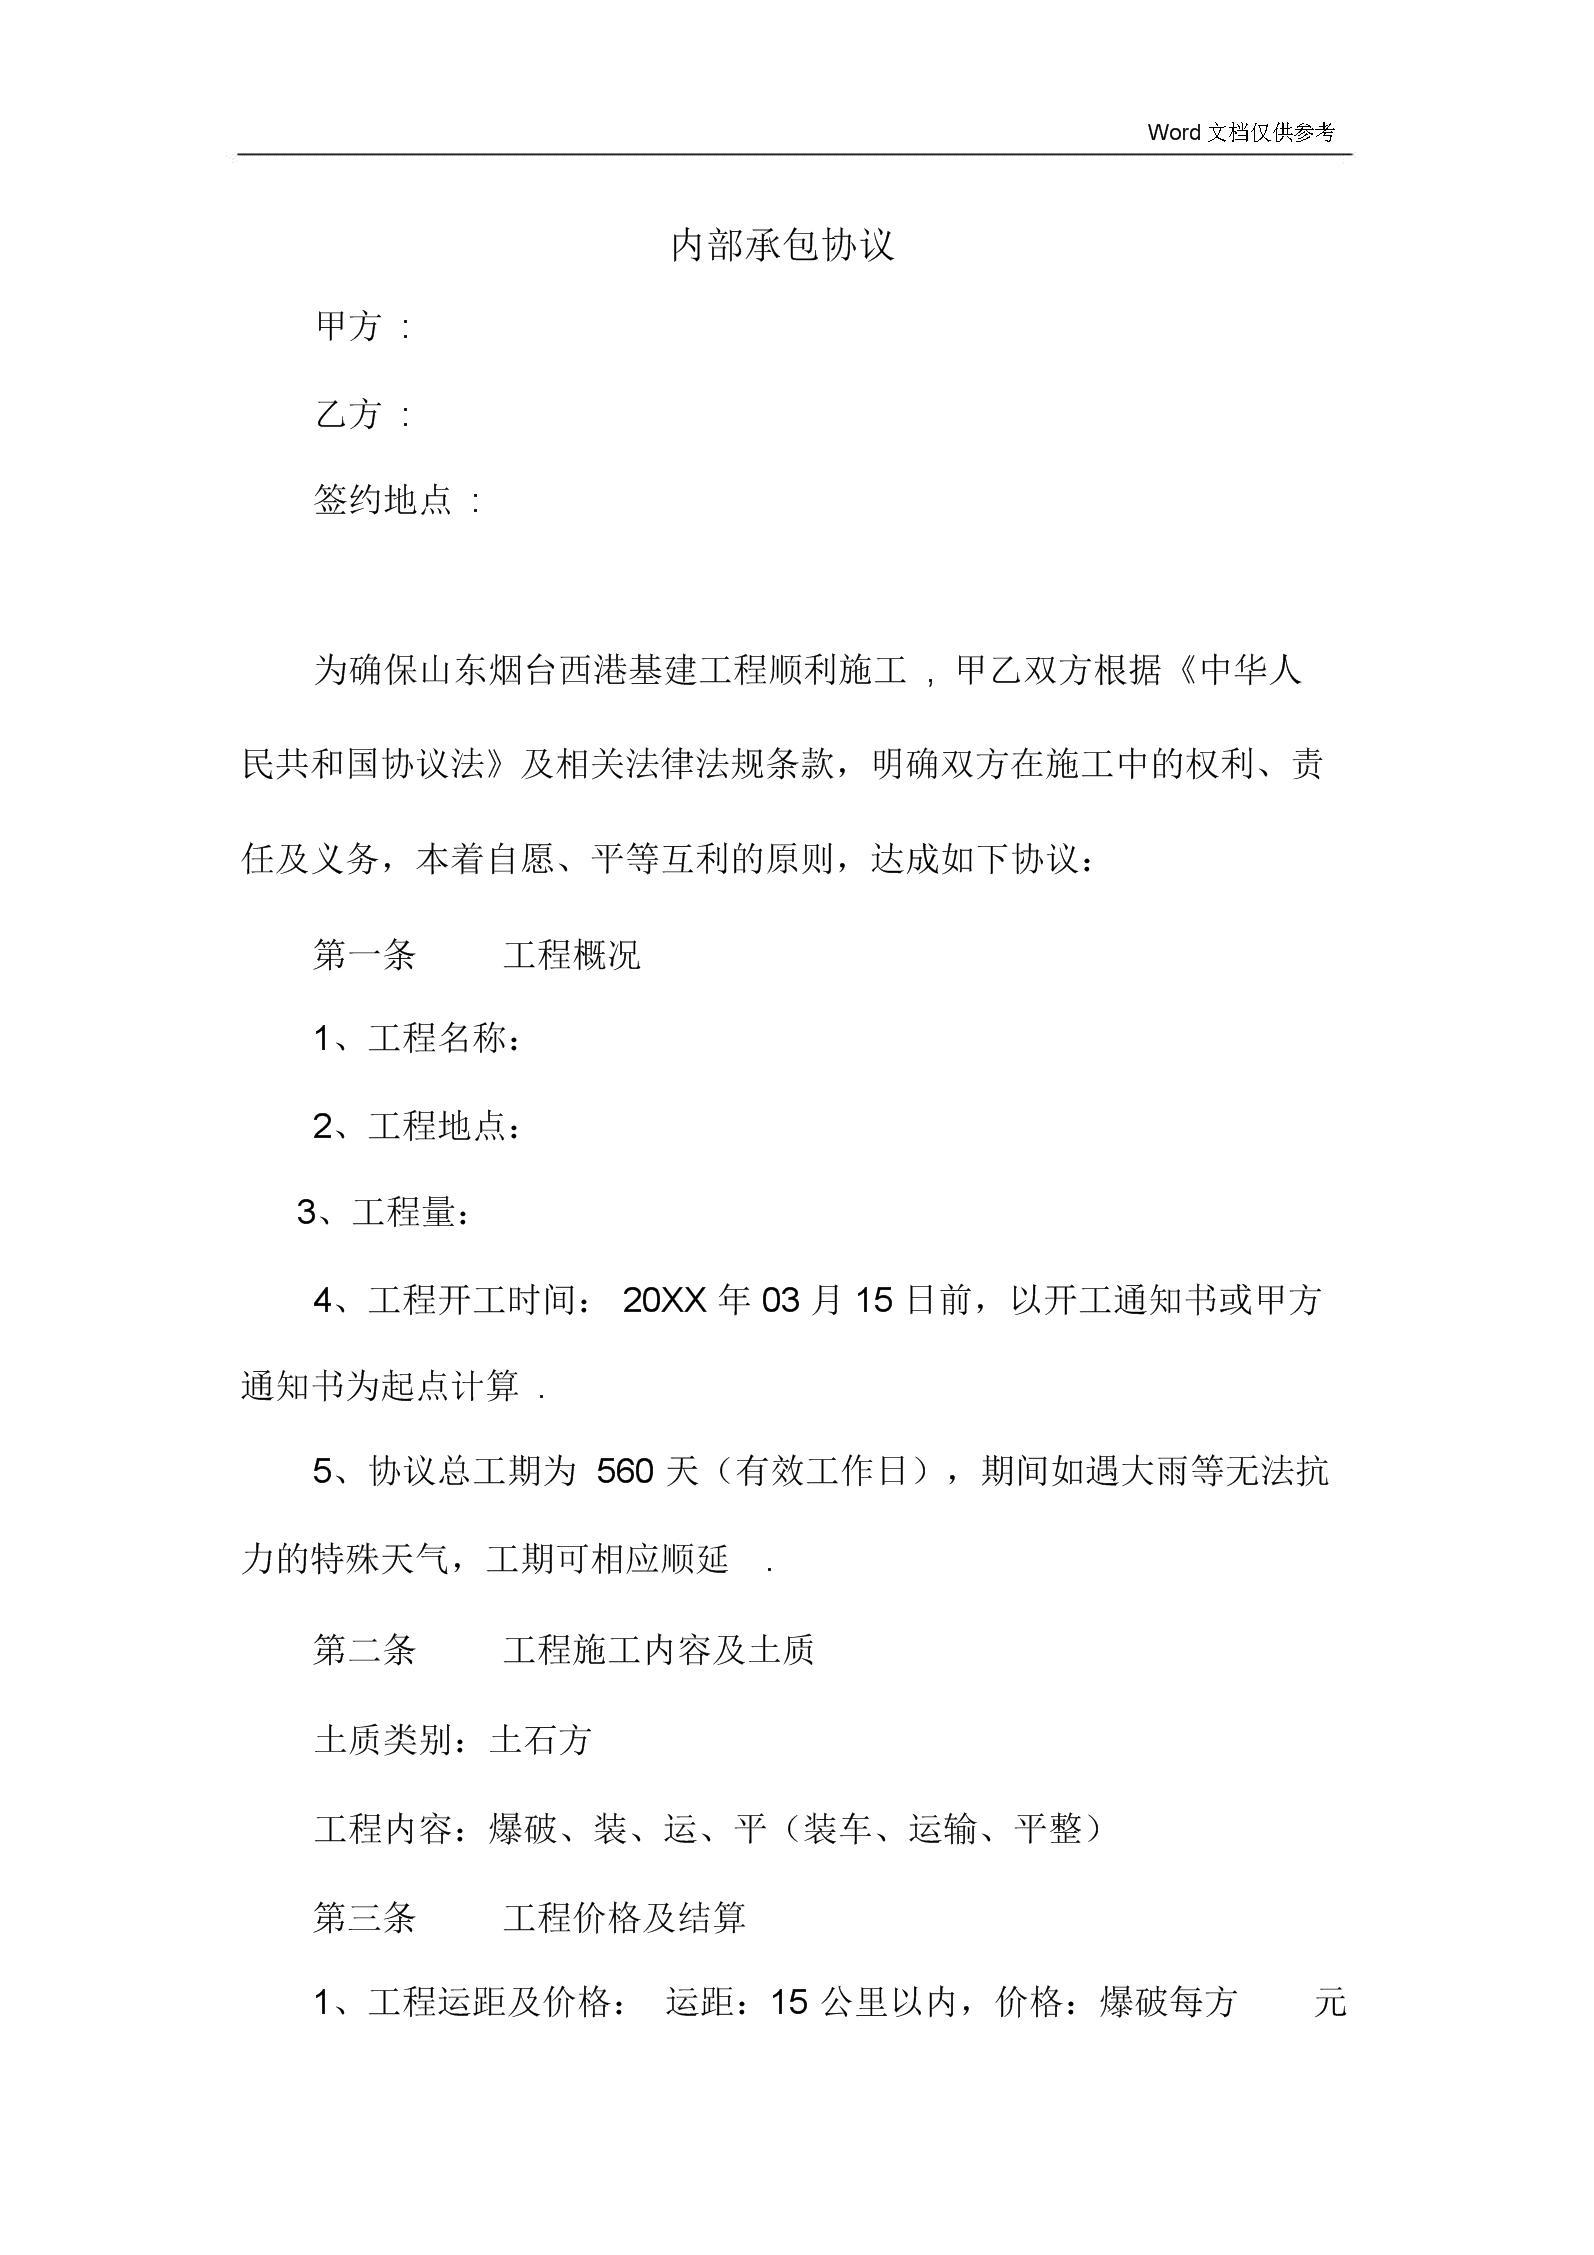 土木工程土石方内部承包协议.doc